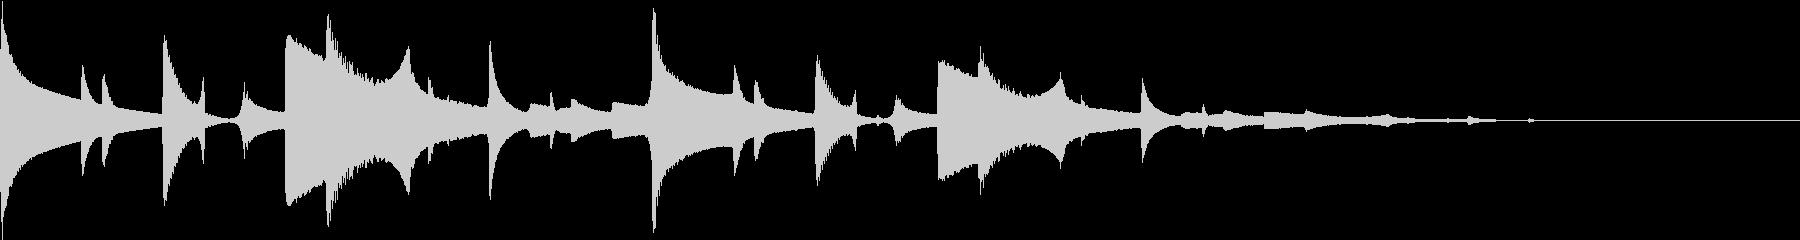 時報風 合図 ポーン 高めの未再生の波形